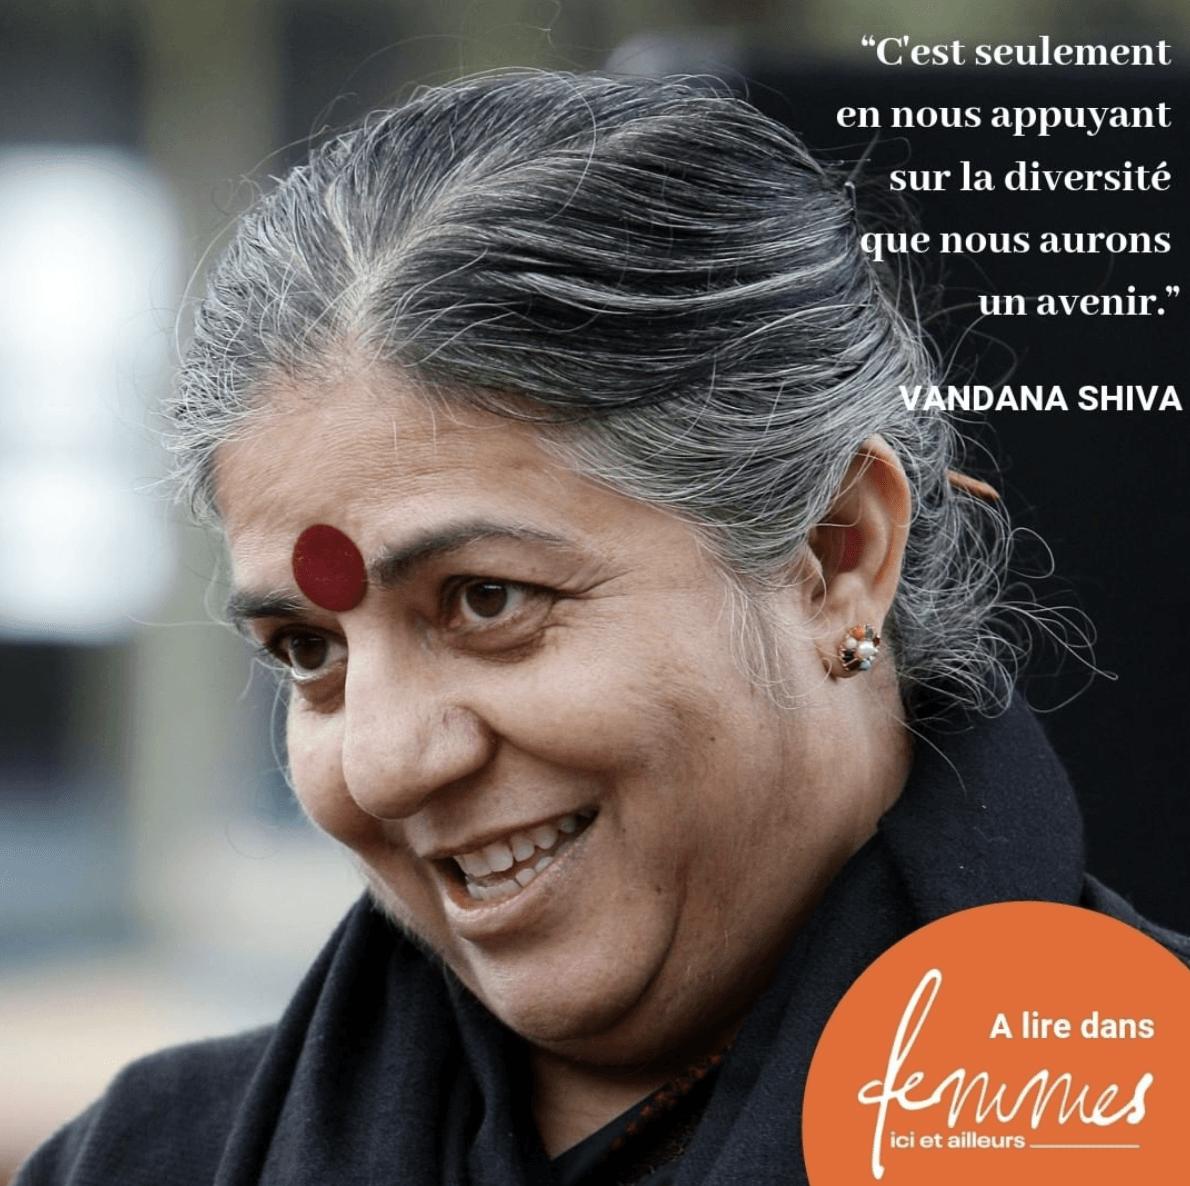 Vandana Shiva: portrait de femme agissante dans la revue Femmes ici et ailleurs